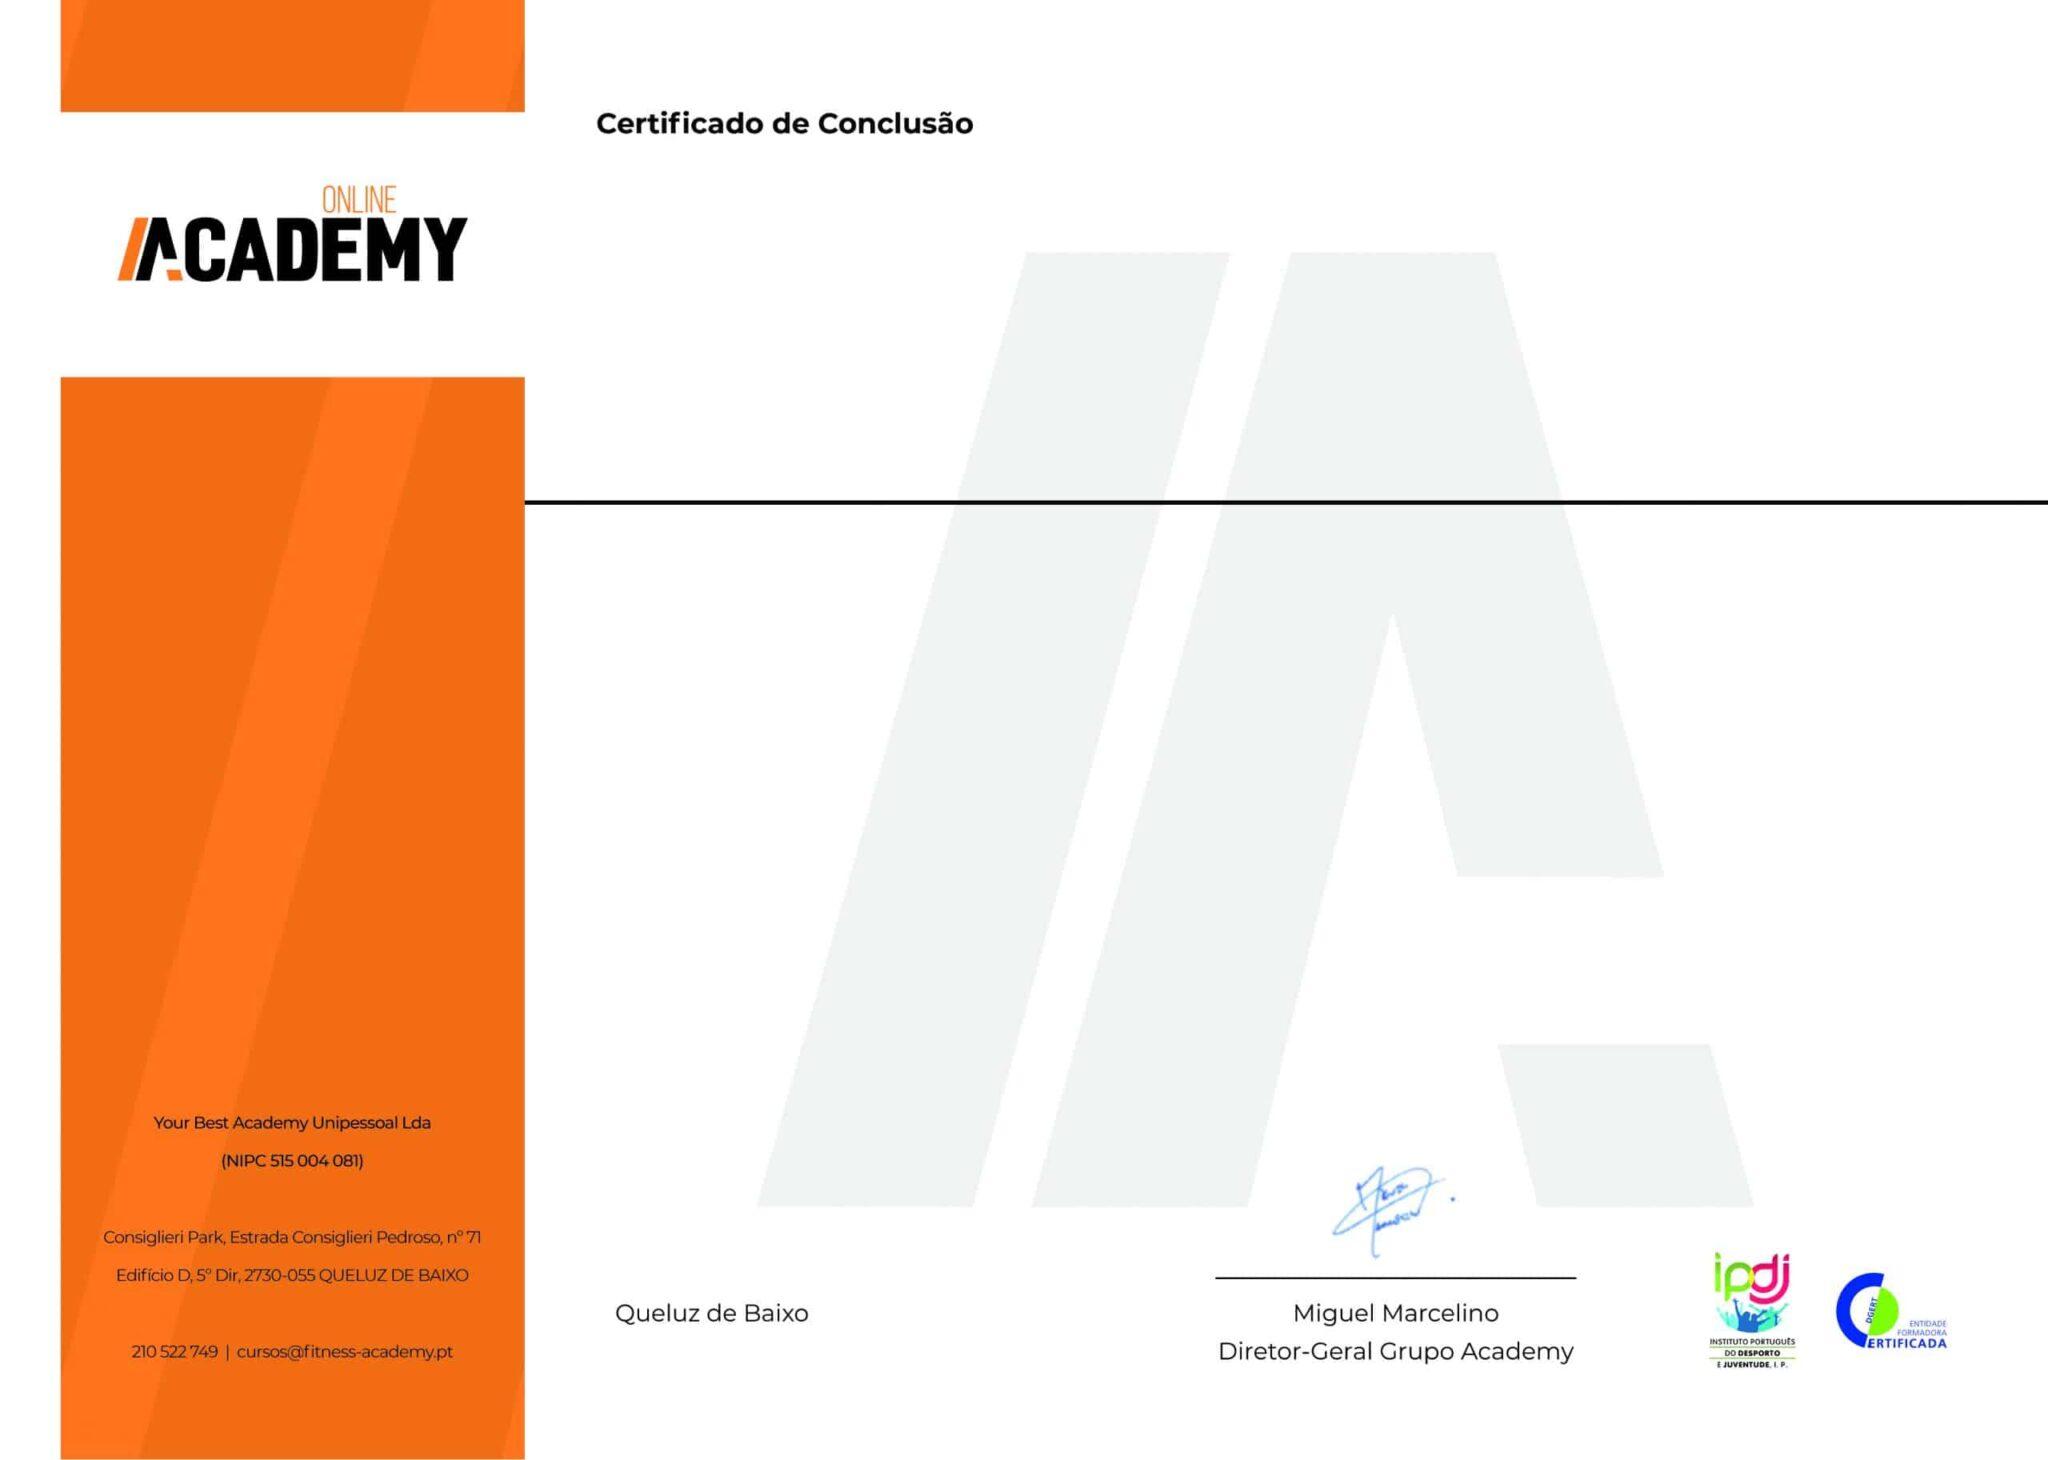 Certificado de Conclusão Online Academy